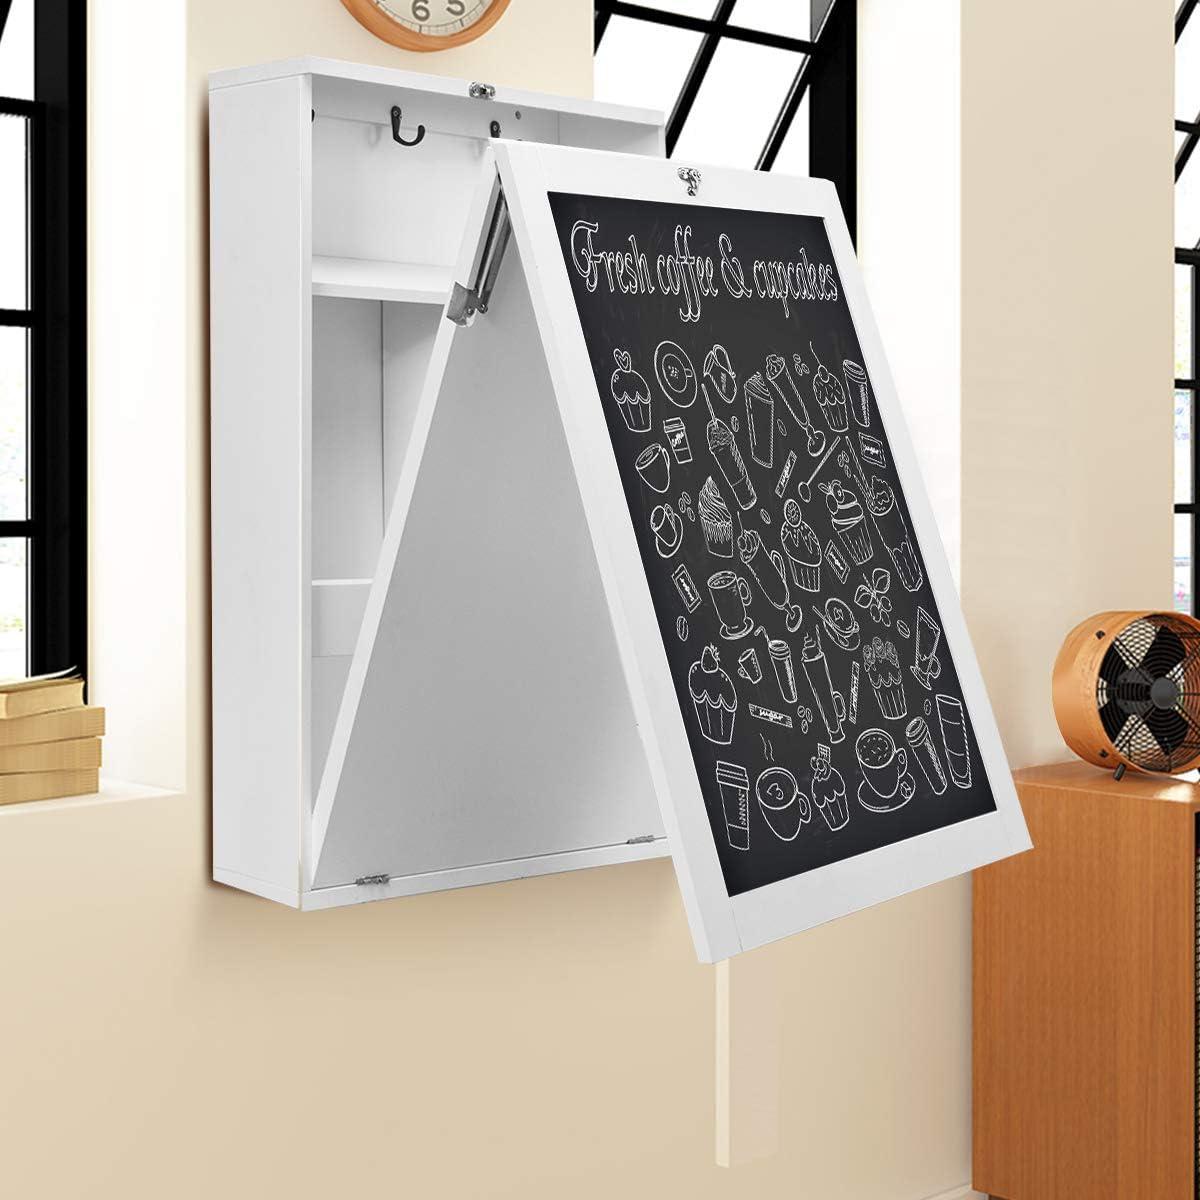 75 x 15,5 x 60 cm Bianco Comoda Scrivania Richiudibile a Parete con Lavagna Bianco//Nero Costway Scrivania Pieghevole con Scaffali